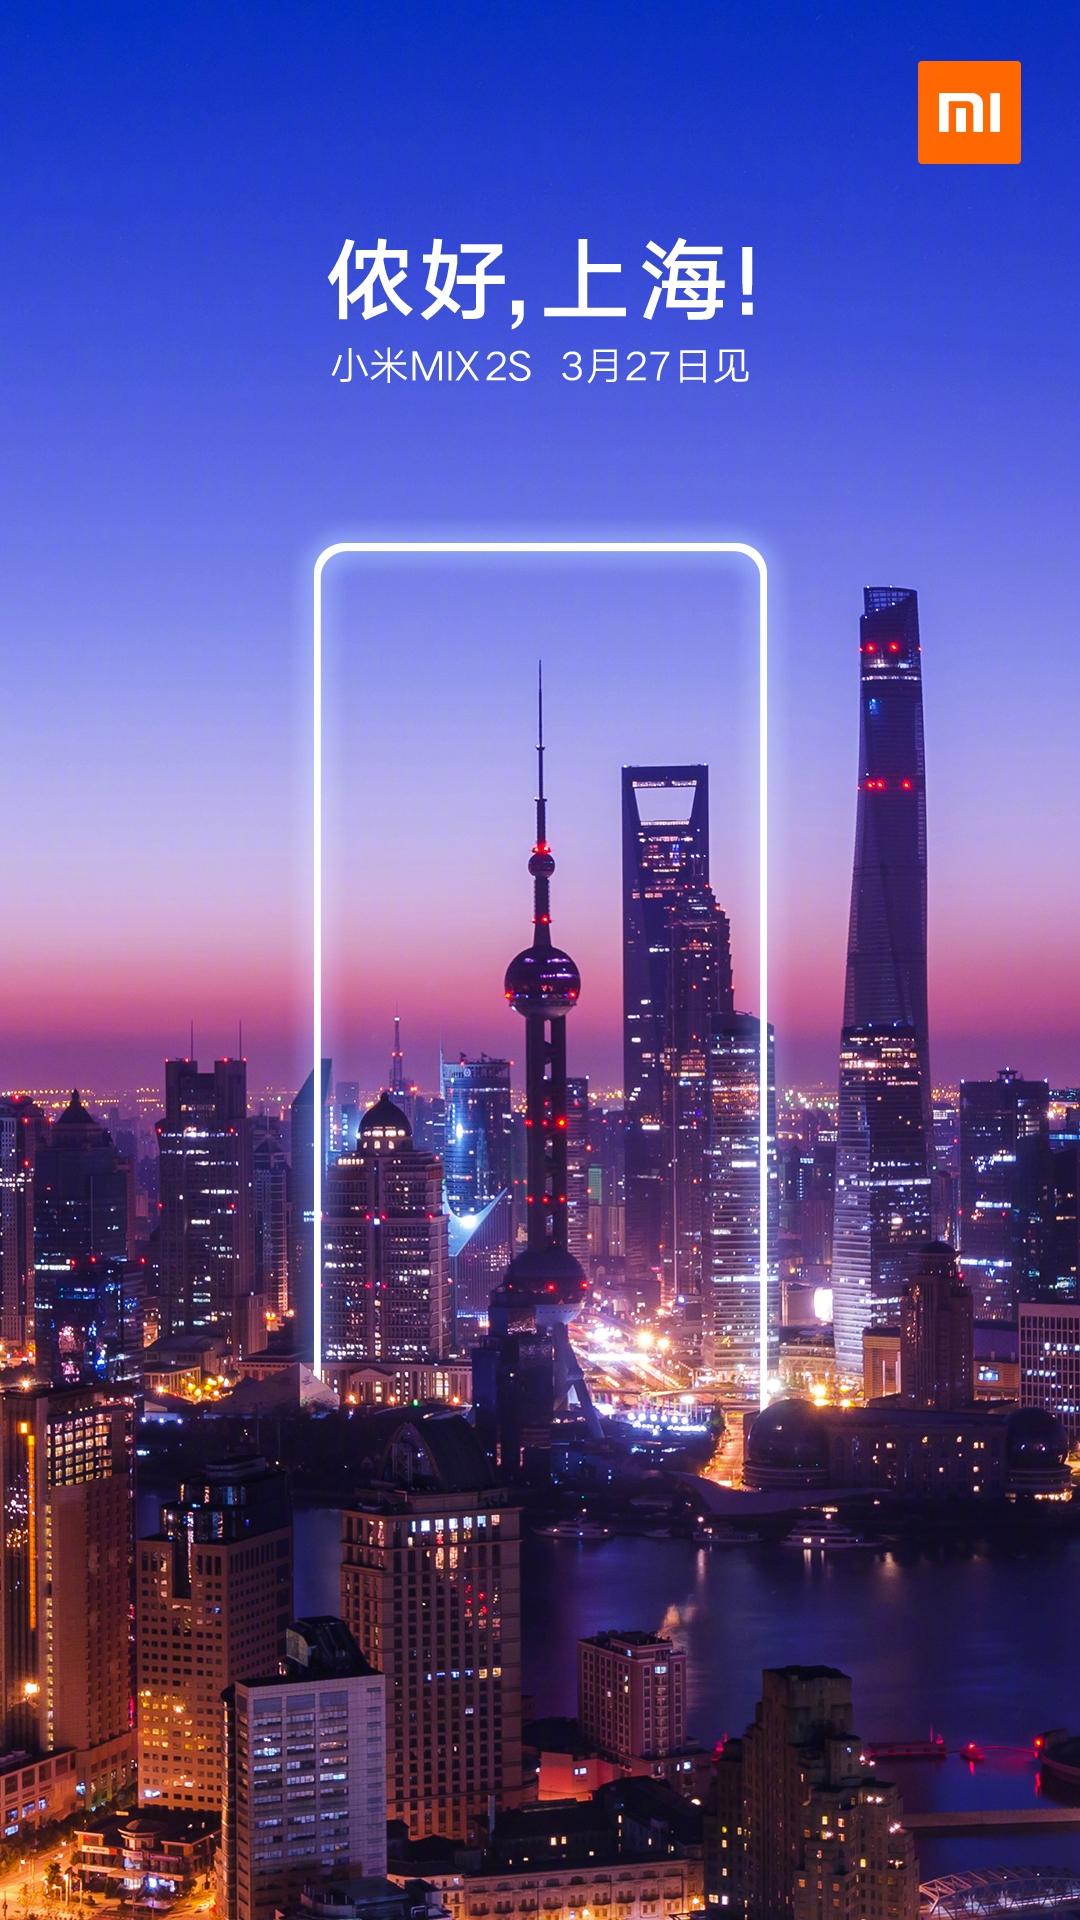 """3月4日,天貓金妝獎在上海舉辦,作為天貓誕生以來的第三任總裁,剛履新兩個月的天貓總裁靖捷首次亮相天貓活動,并詳細闡述了天貓發展的新邏輯。 據鳳凰網科技了解,阿里CEO張勇在內部講話中,將天貓視為阿里整個新零售戰略的主力軍,""""2018年,天貓不再是傳統意義上的電商平臺,而將成為阿里新零售基礎設施的基座。"""